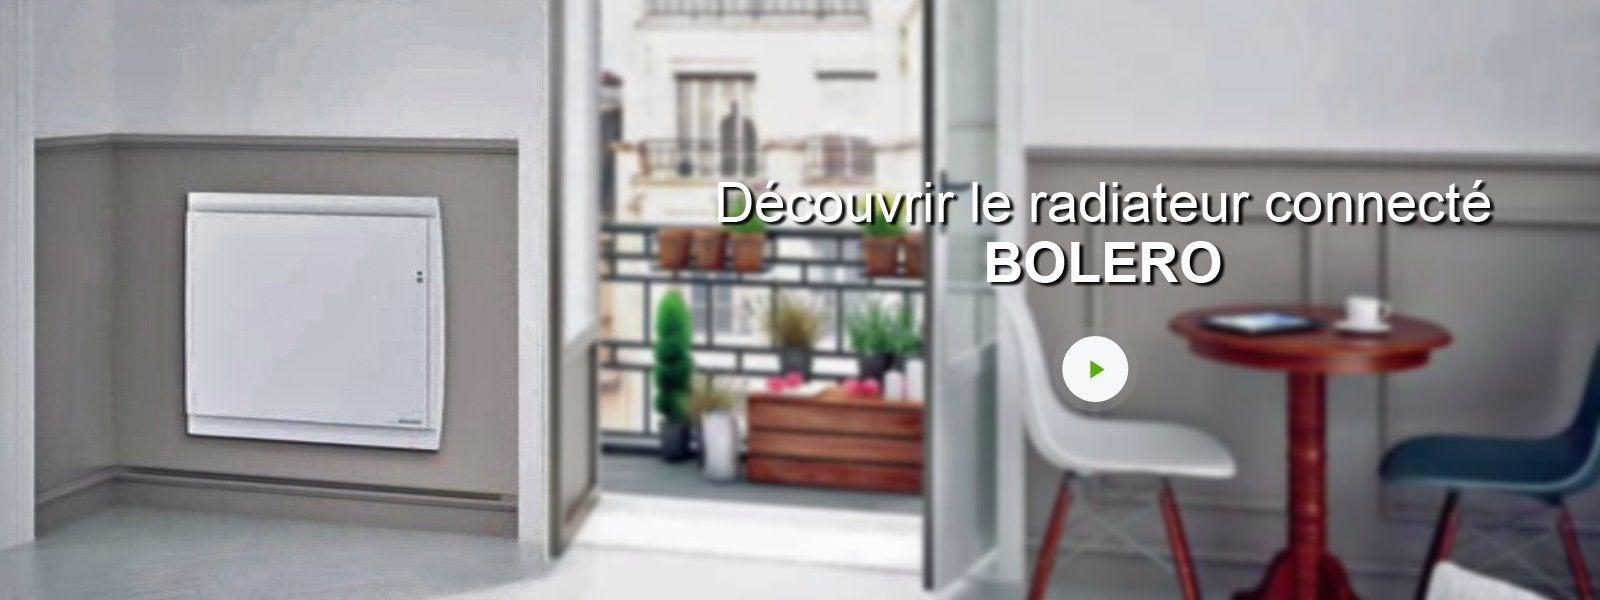 Radiateur électrique à double système chauffant sauter bolero v ...